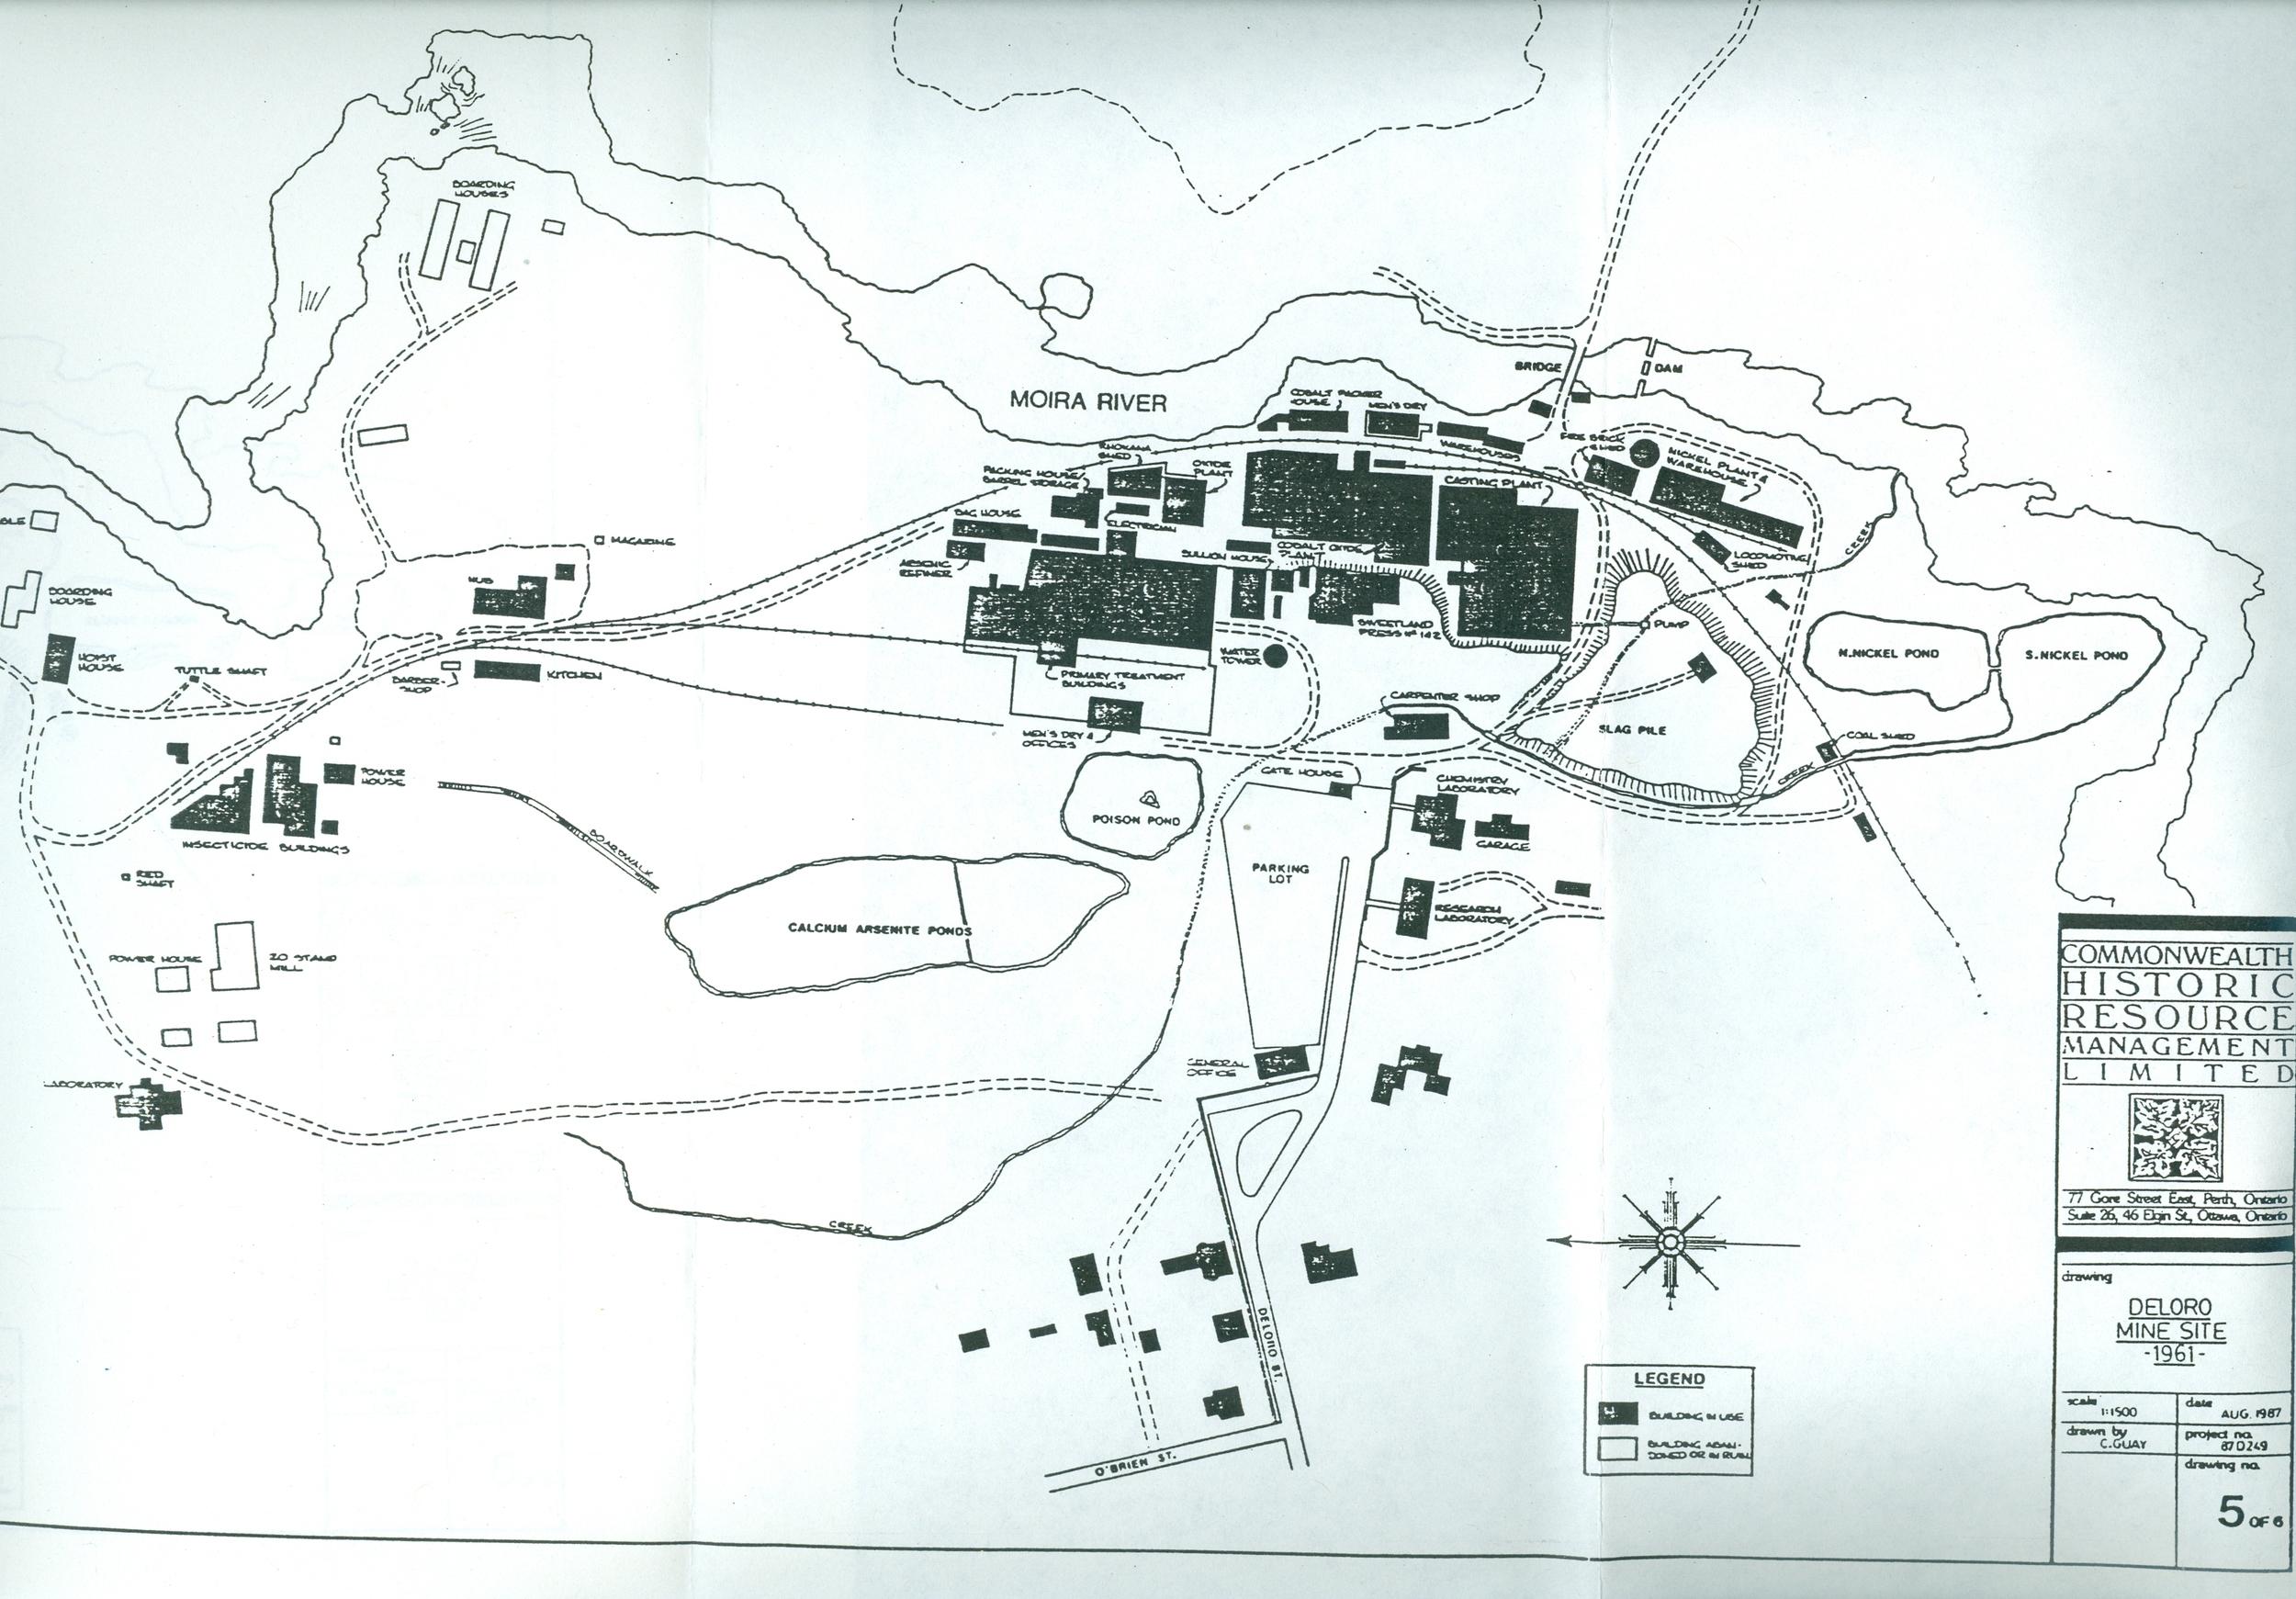 Map of Deloro site 1961.jpg